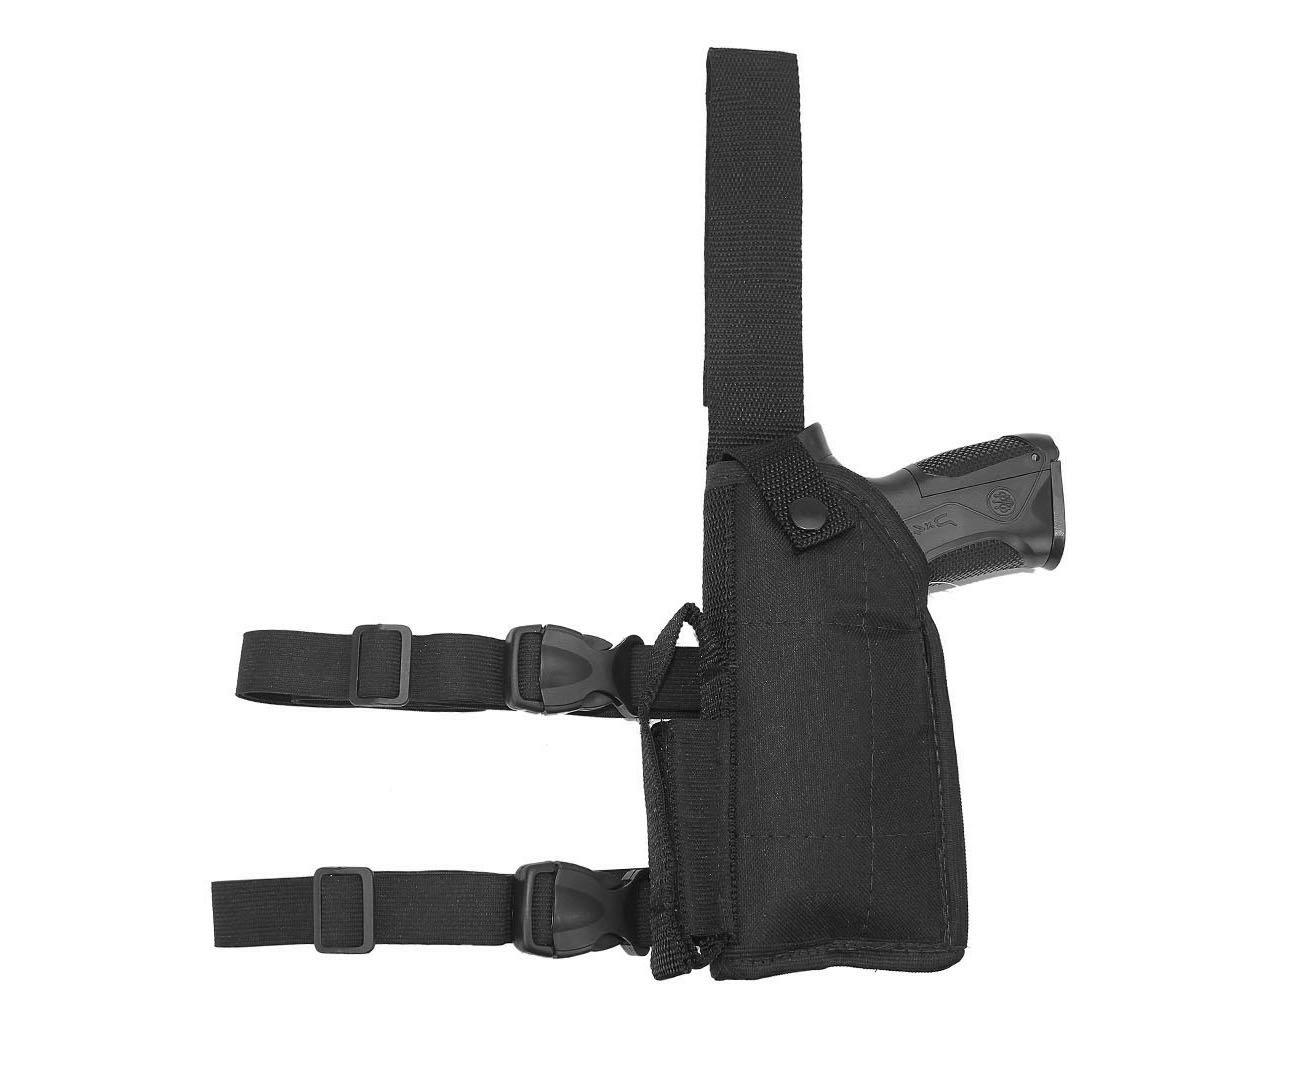 Coldre De Perna Para Pistola Com Regulagem Universal - Canhoto - Mundo Da Carabina